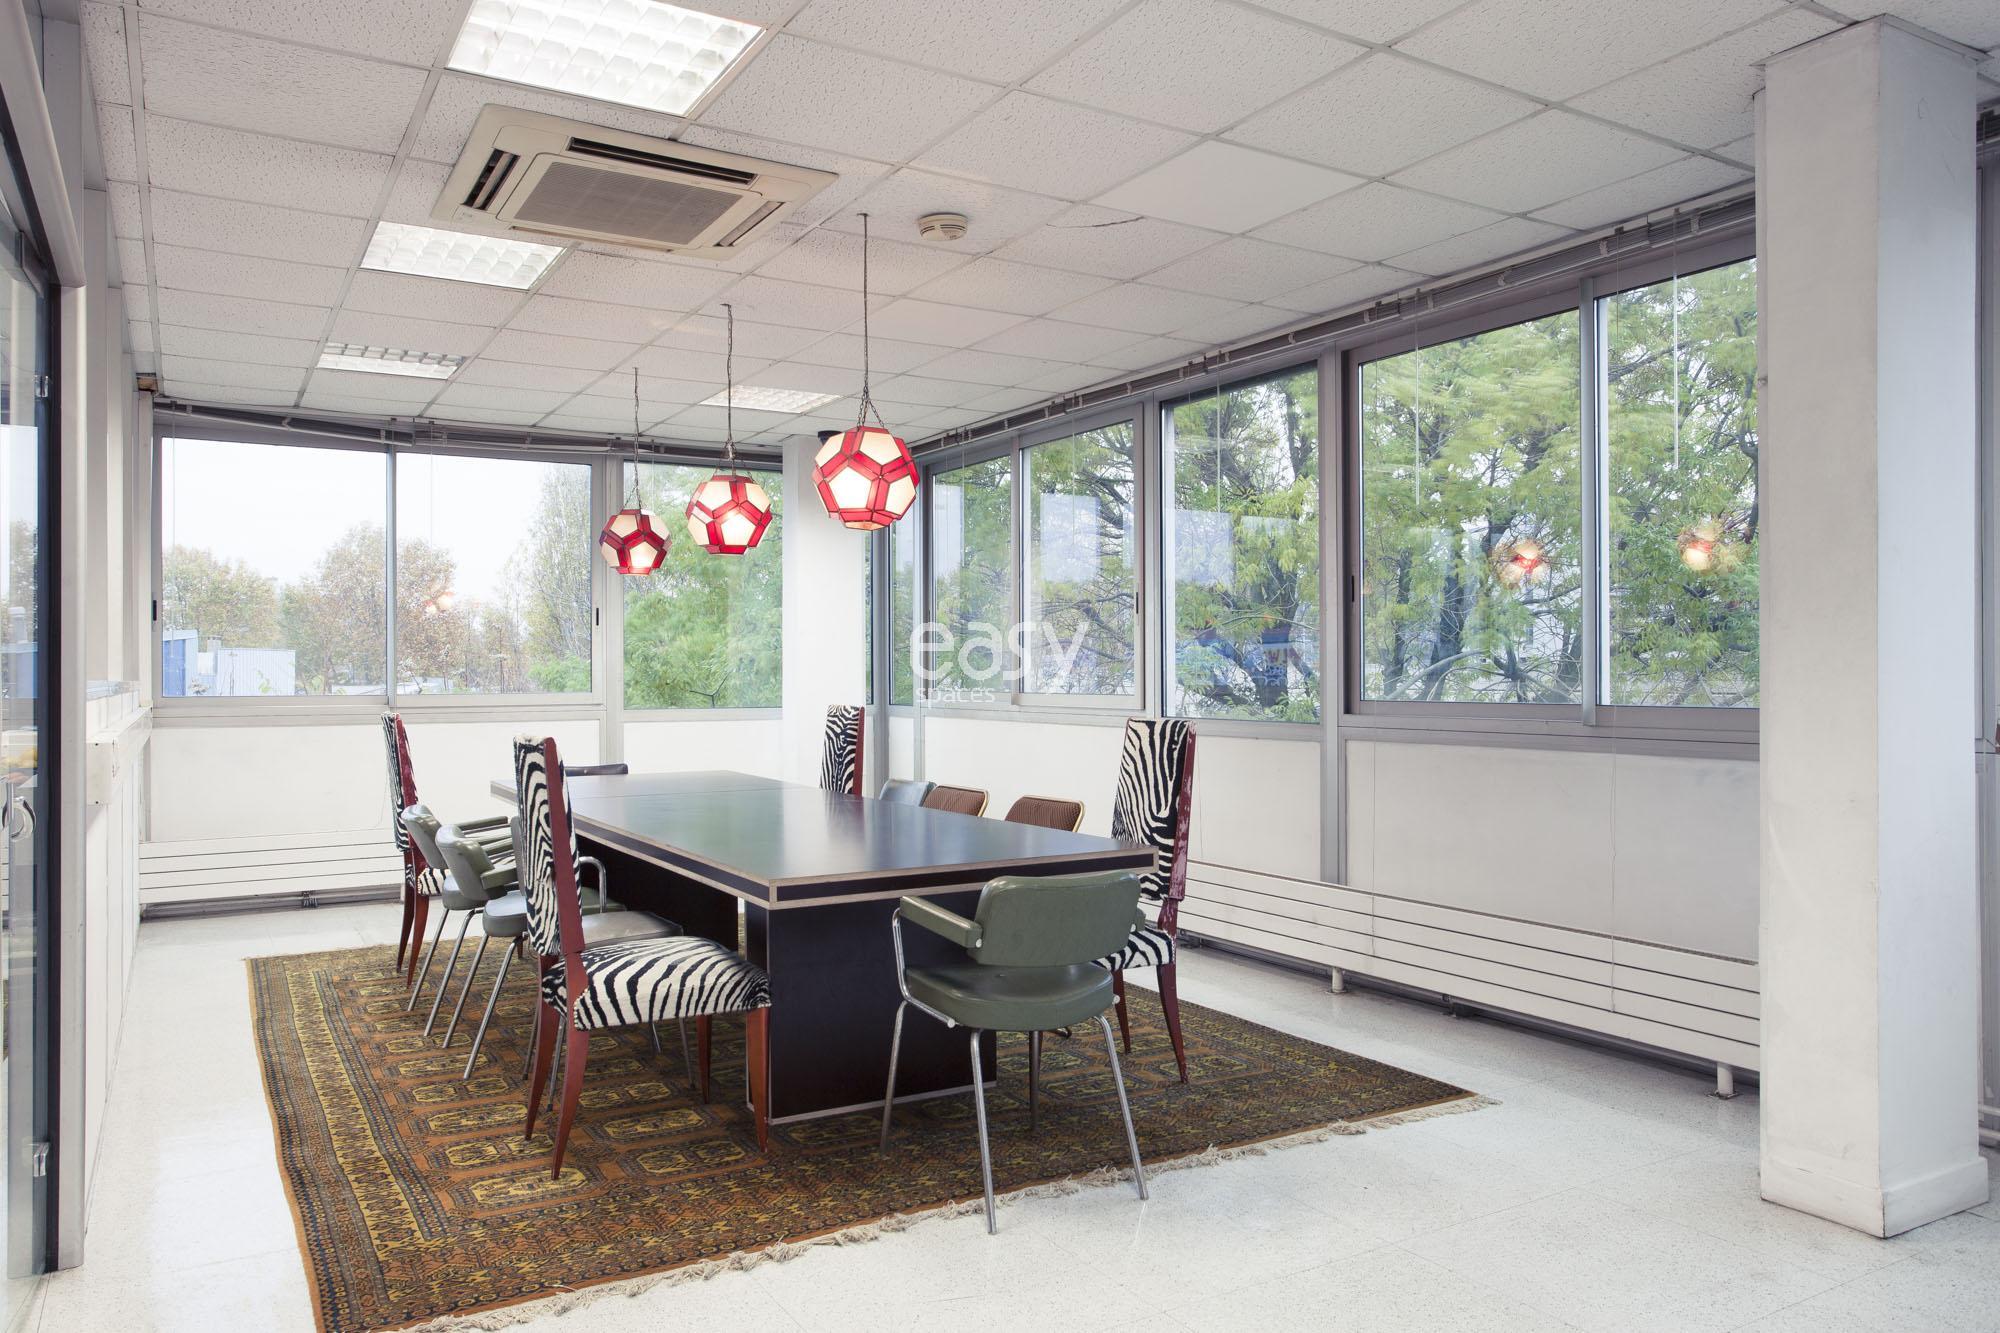 Hauteur Sous Plafond 2M40 espace atypique pour photos tournages paris lieux lieu à